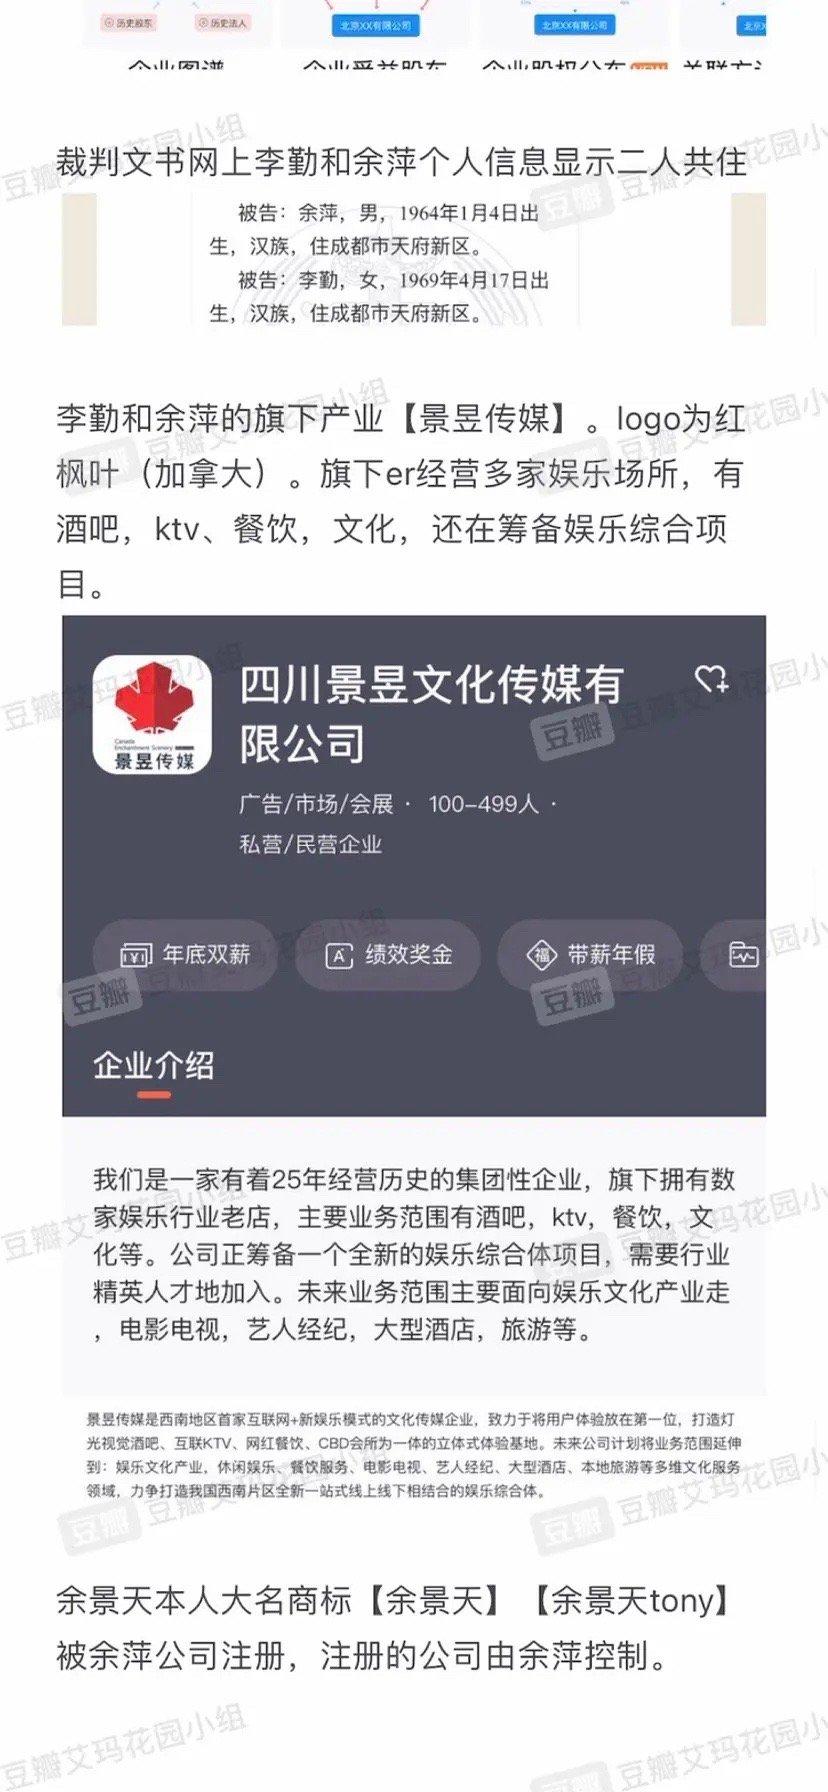 网曝余景天父母经营KTV涉黄涉毒!经纪公司紧急辟谣-Woah.MY